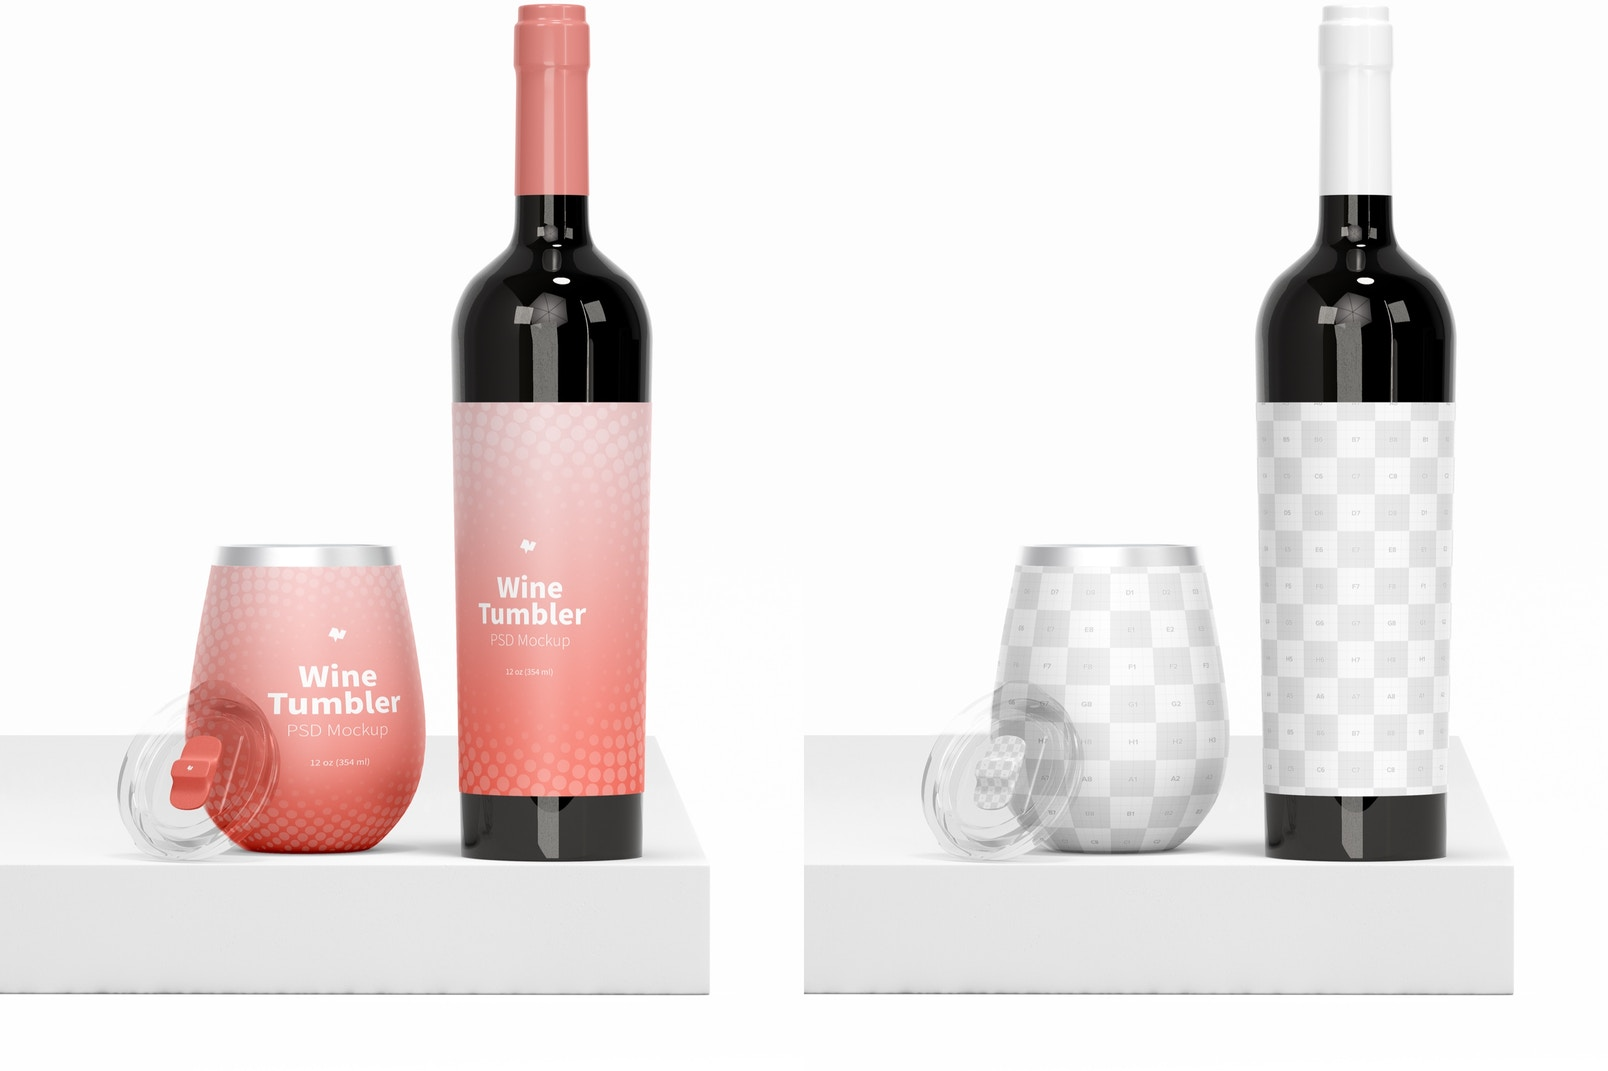 Maqueta de Vaso de Vino de 12 oz